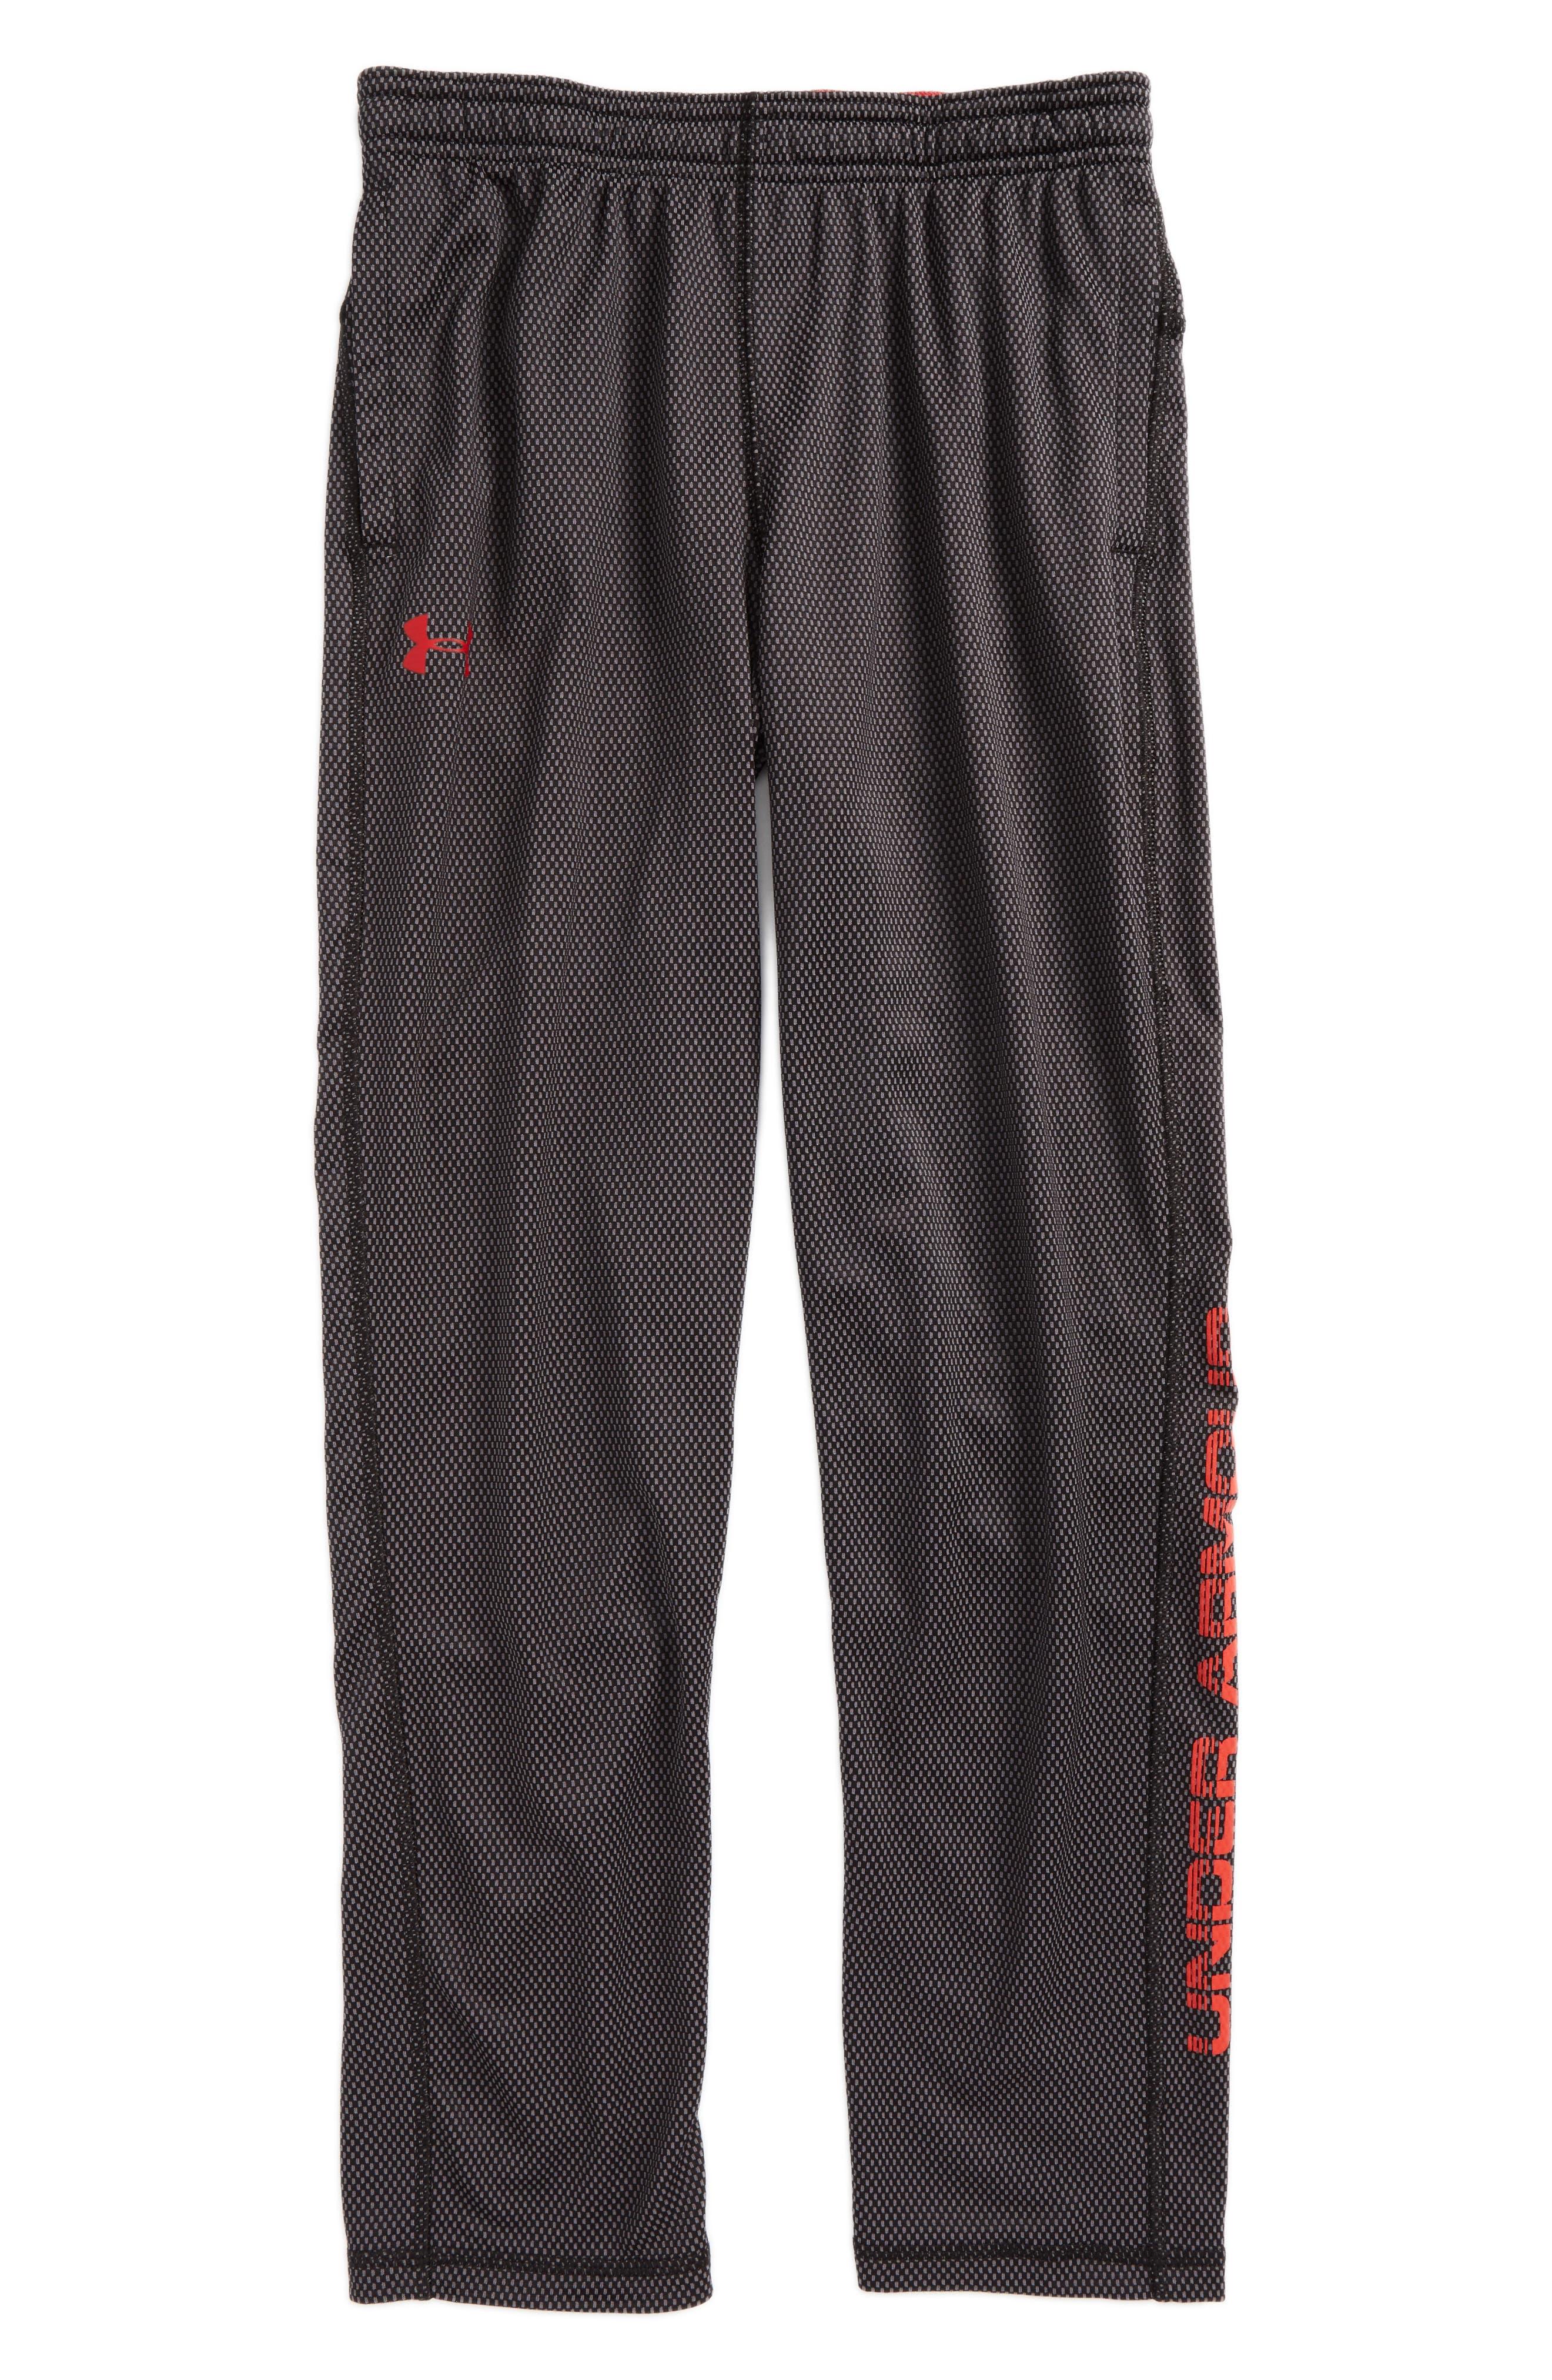 Tech Mesh Pants,                         Main,                         color, 001